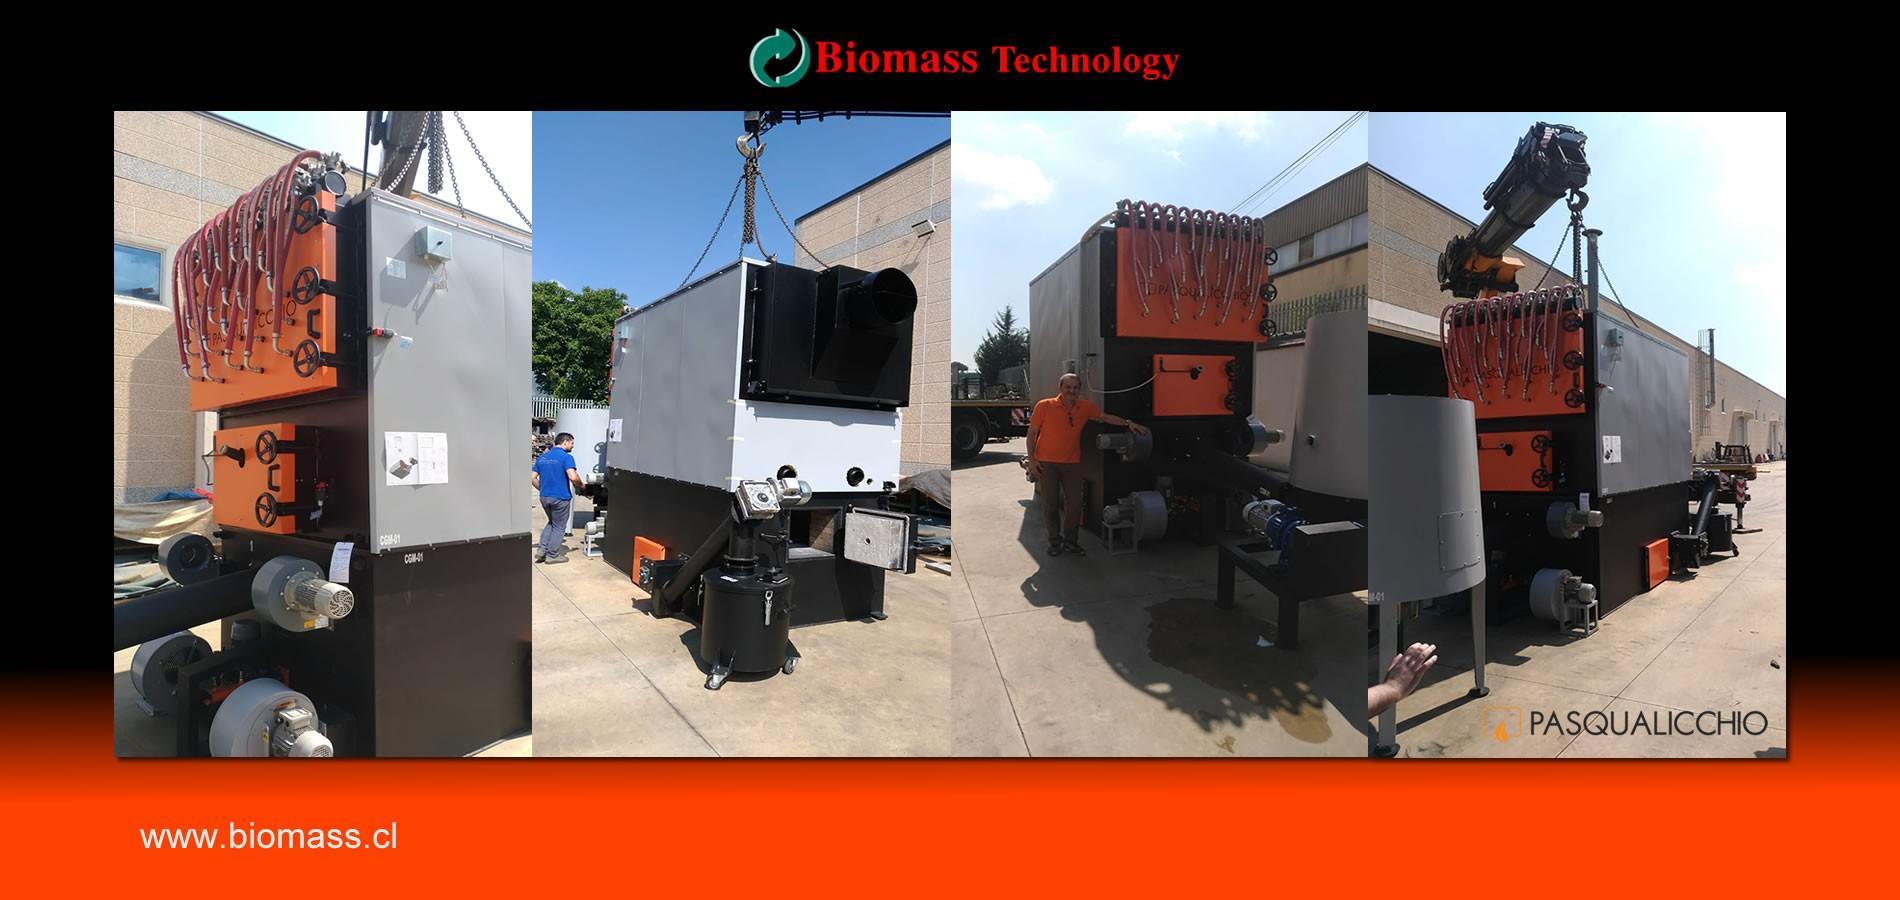 Biomass Technology como representante exclusivo para Chile de Pascualicchio